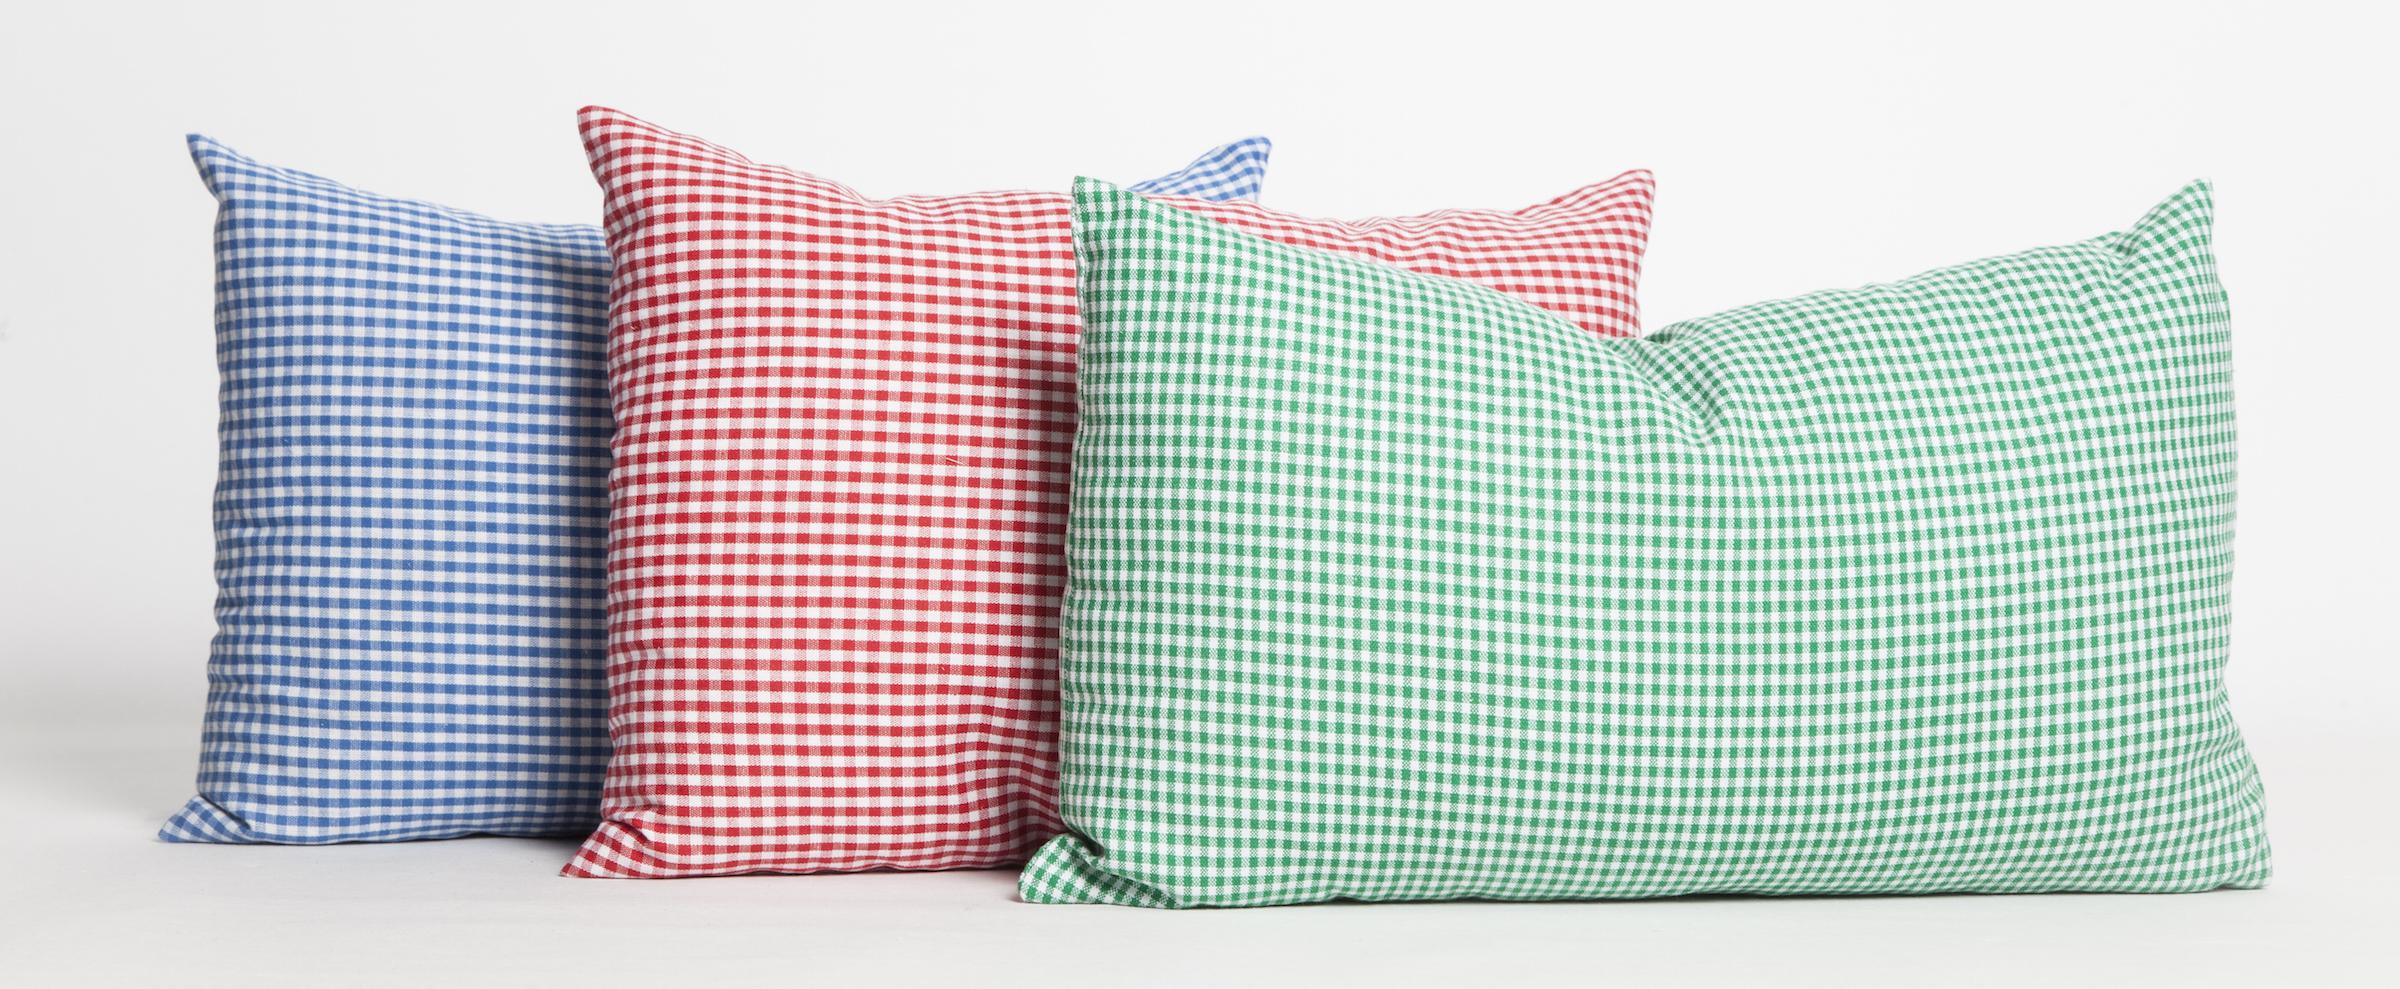 swiss-pine-startseite-zirben-kissen-farben